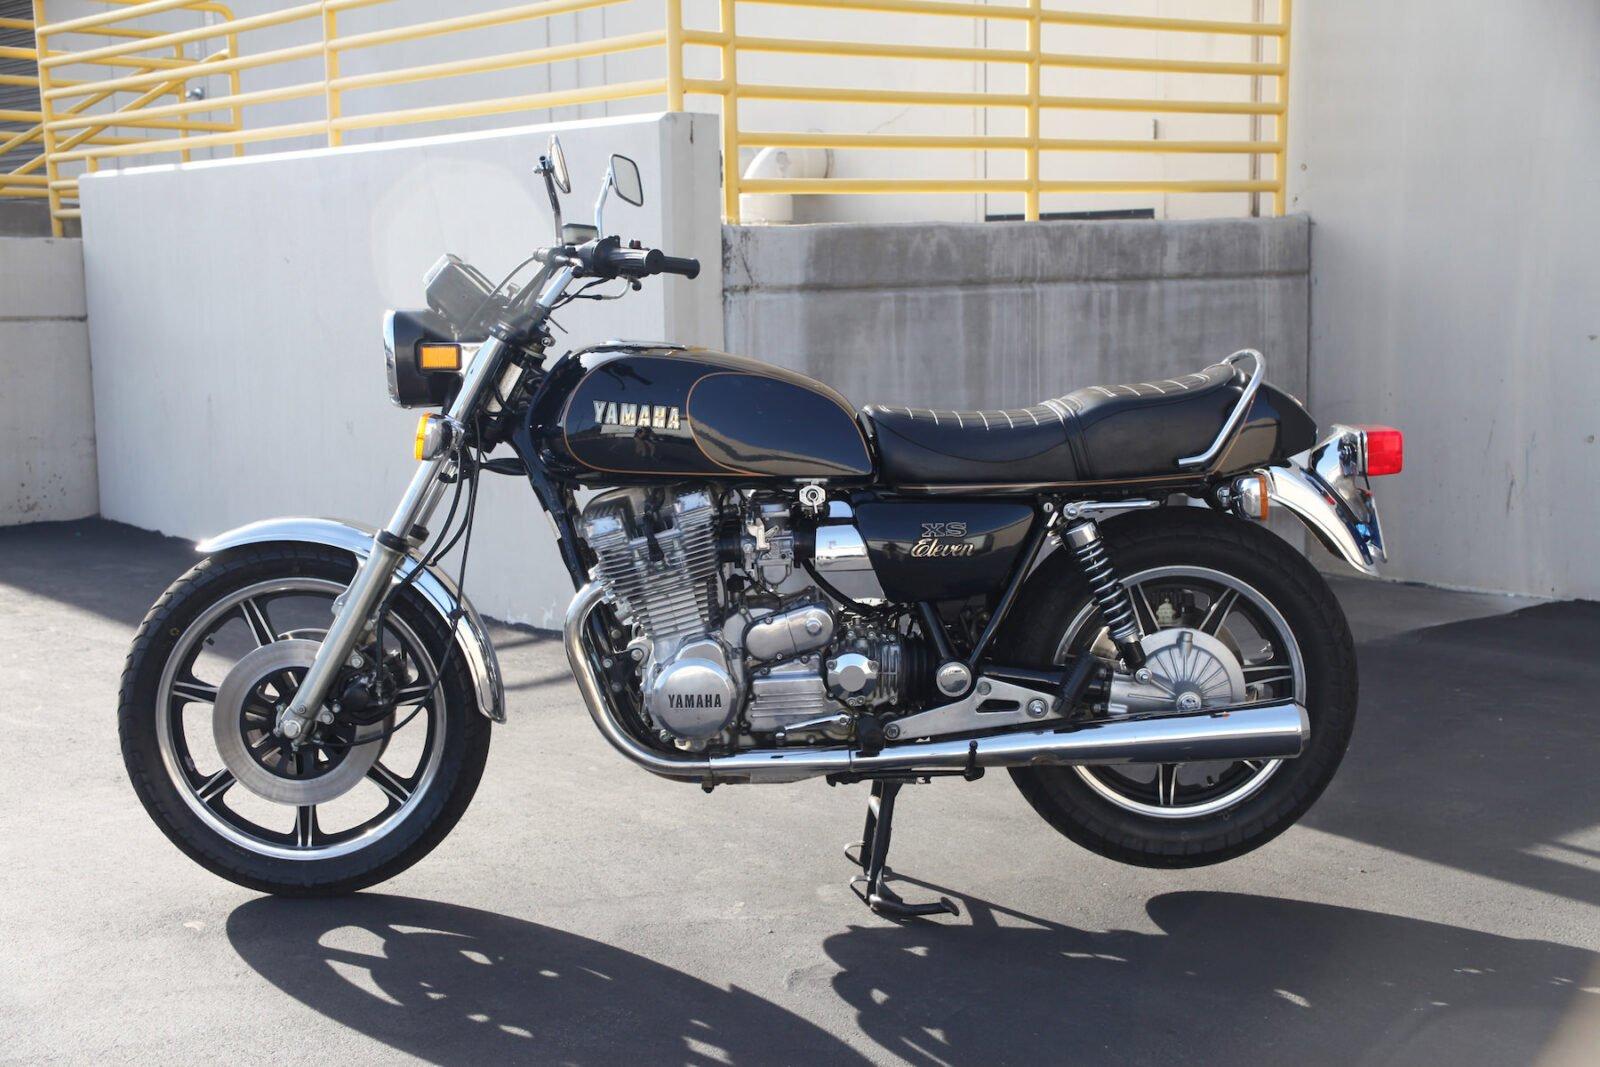 """Yamaha XS1100 Eleven 10 1600x1067 - Yamaha XS1100 """"Eleven"""""""